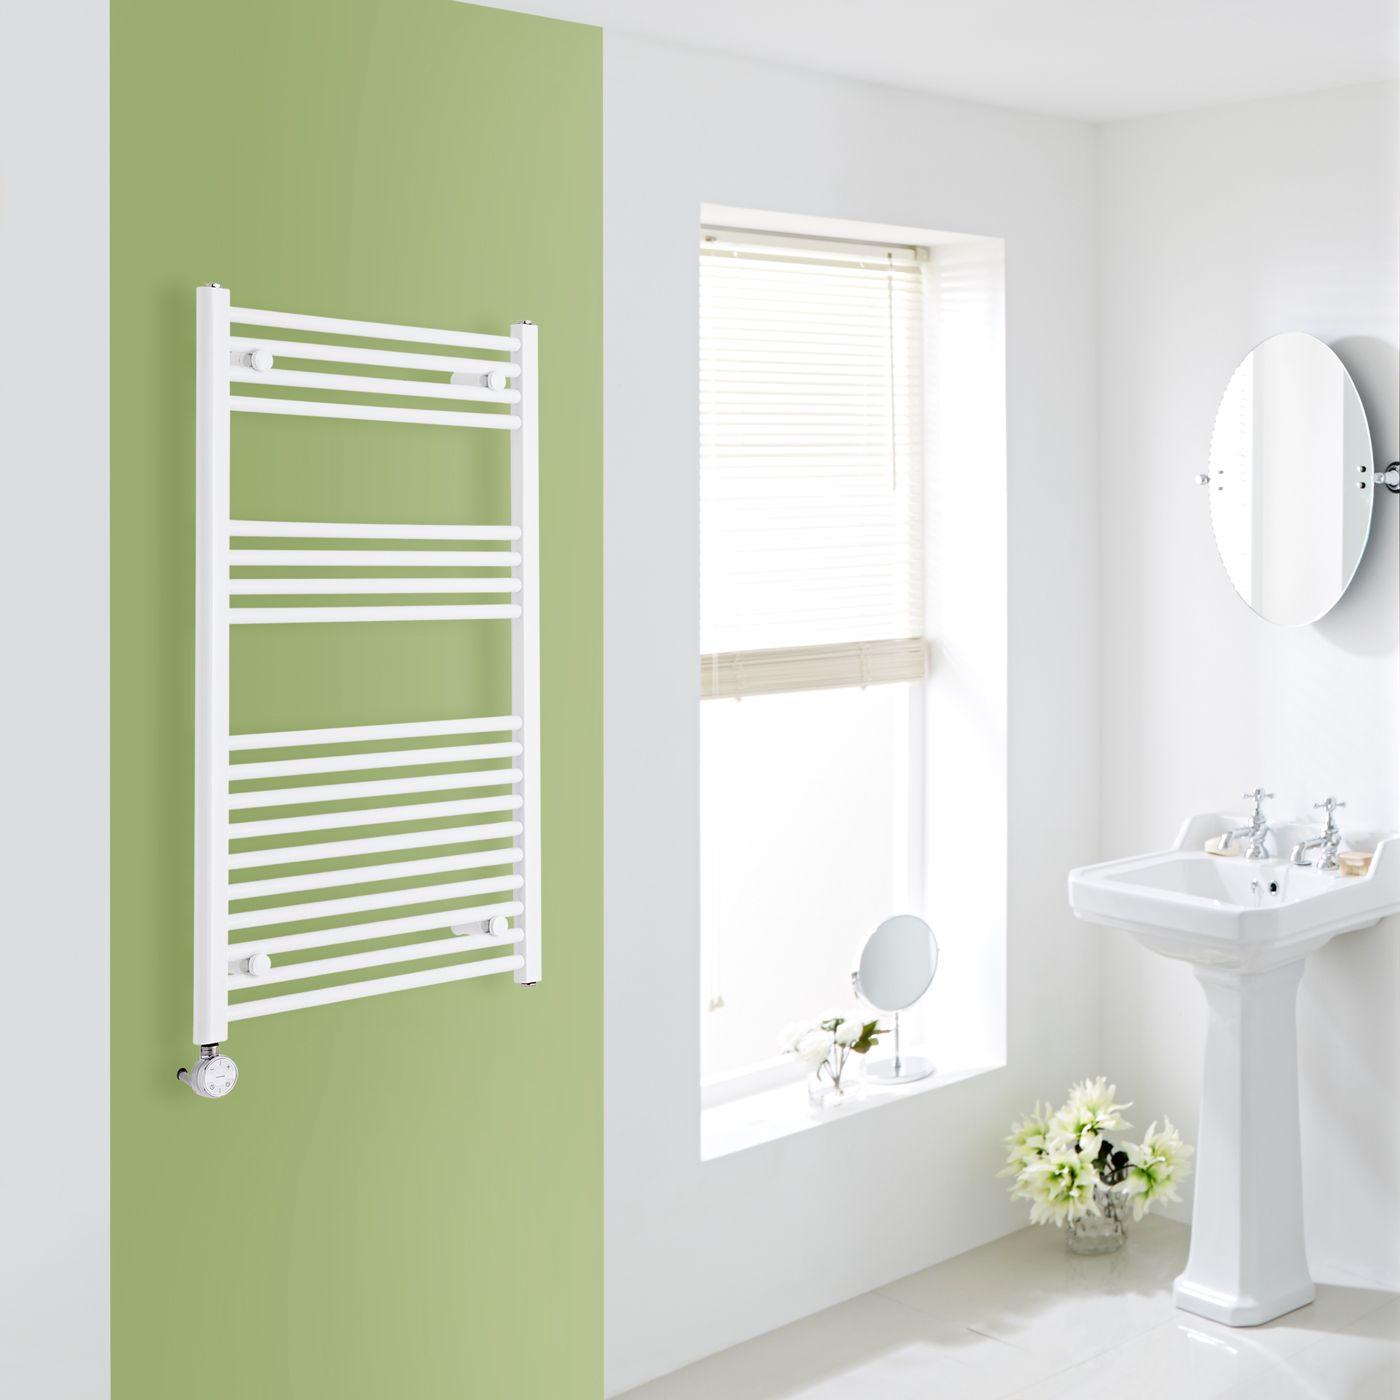 elektrischer handtuchheizk rper wei 1000mm x 600mm inkl ein 800w heizelement etna. Black Bedroom Furniture Sets. Home Design Ideas